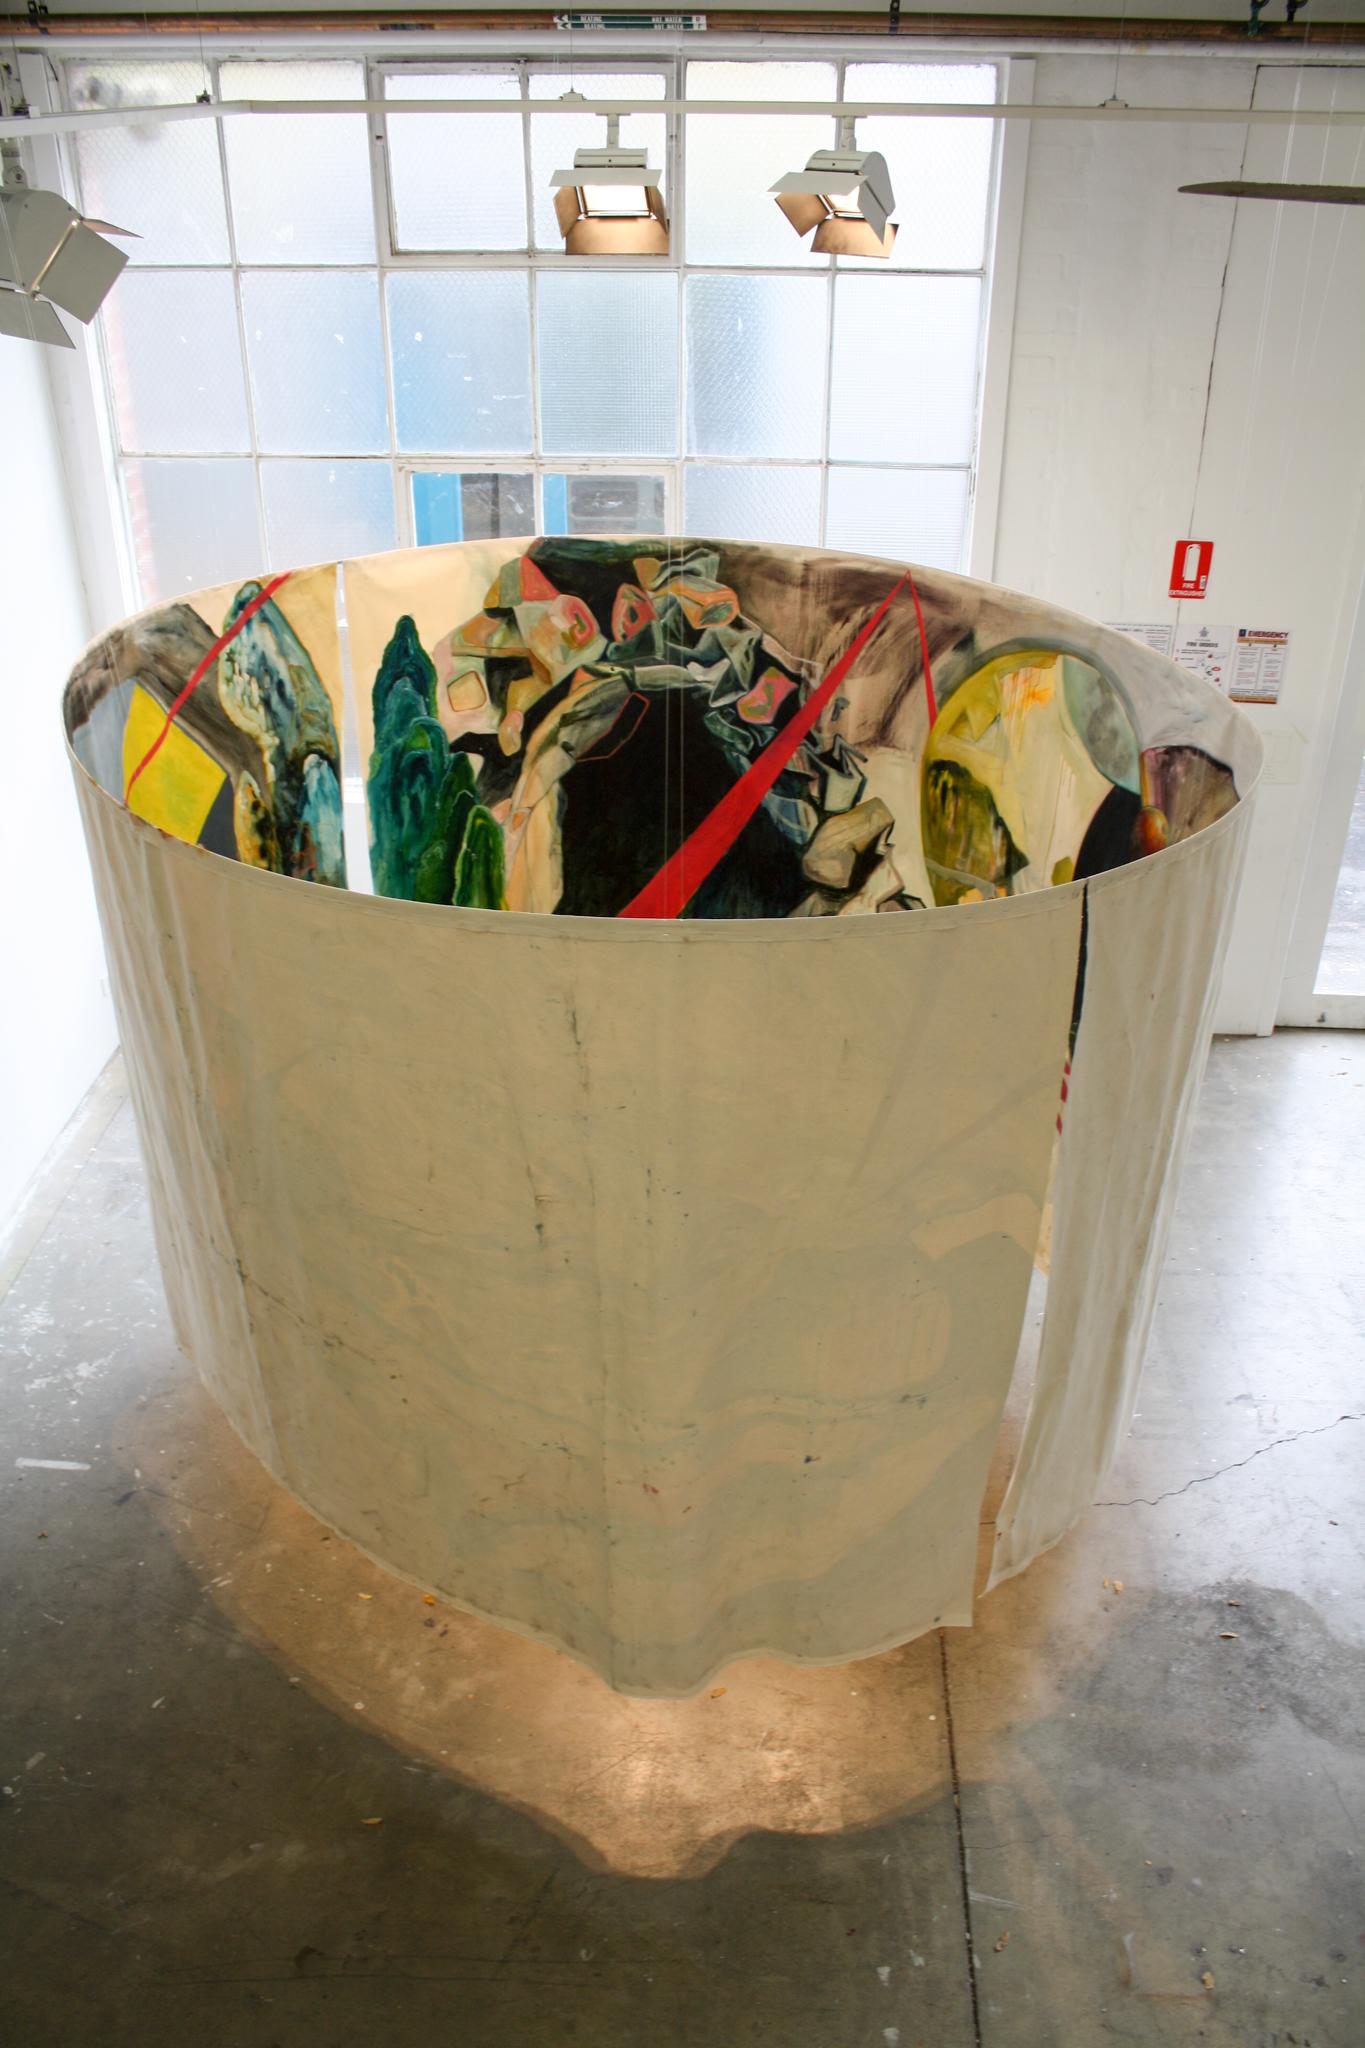 Contemporary installation art